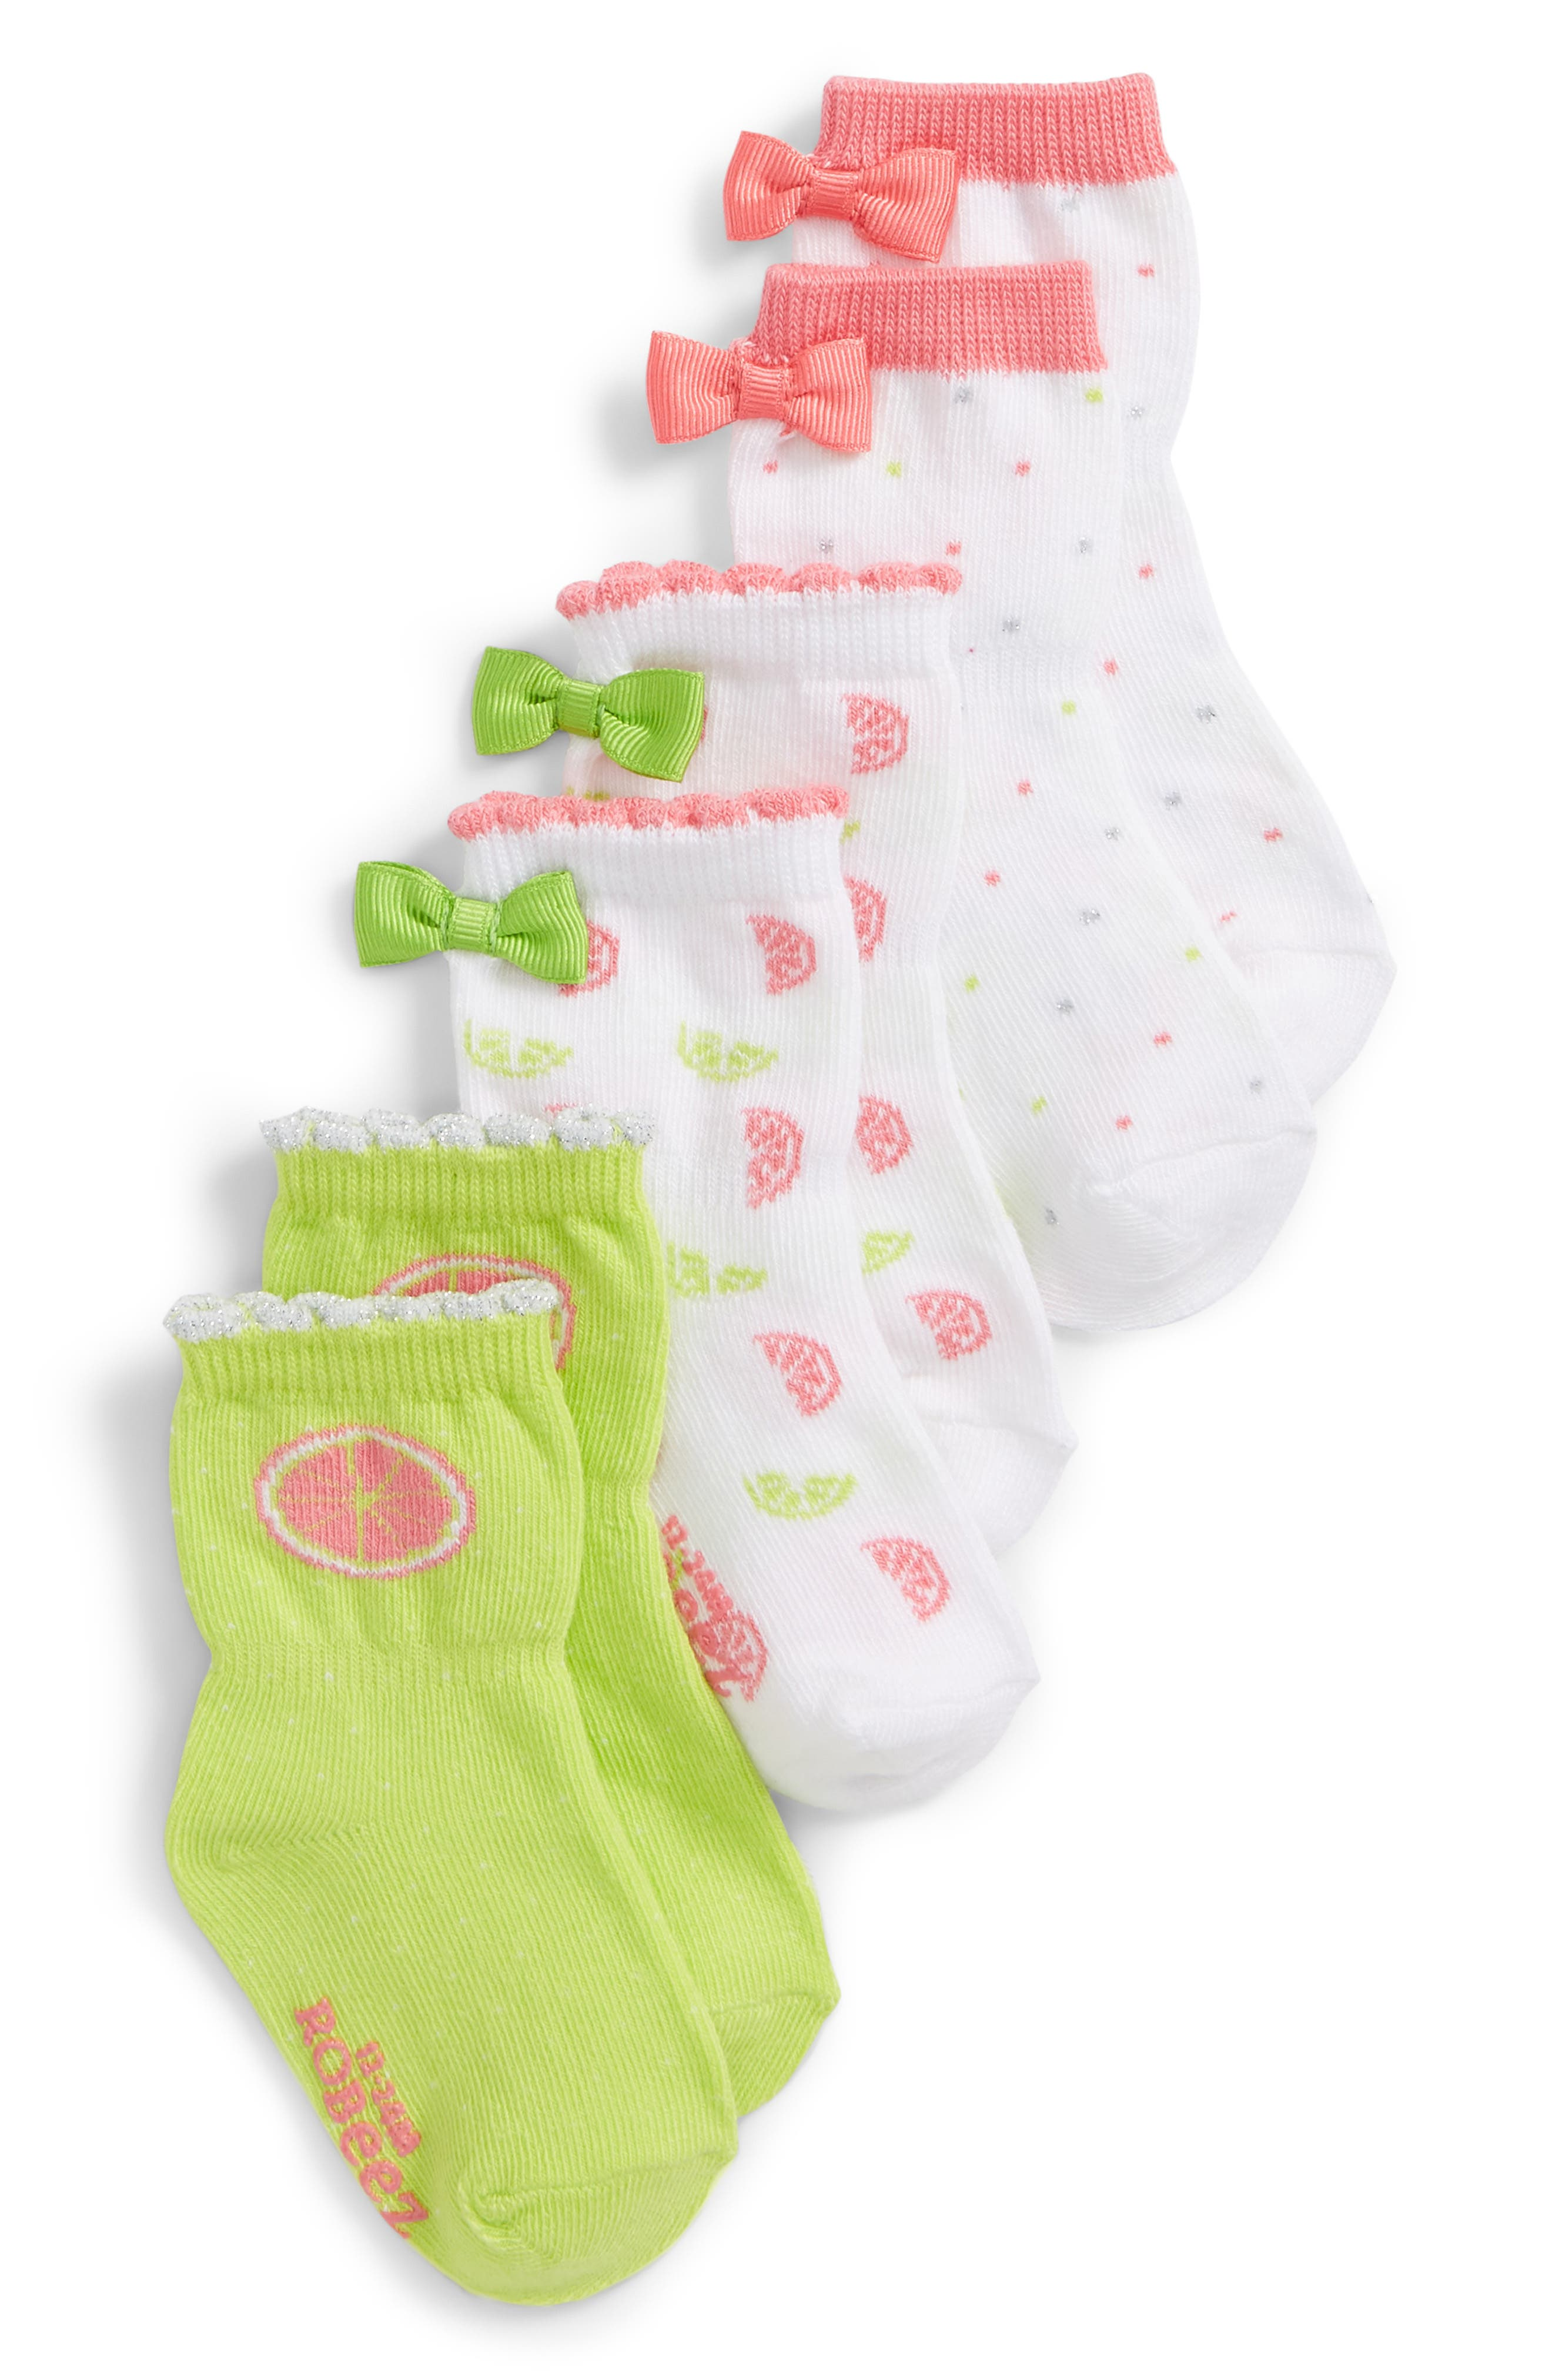 Citrus 3-Pack Socks,                             Main thumbnail 1, color,                             CITRON/ PINK/ WHITE